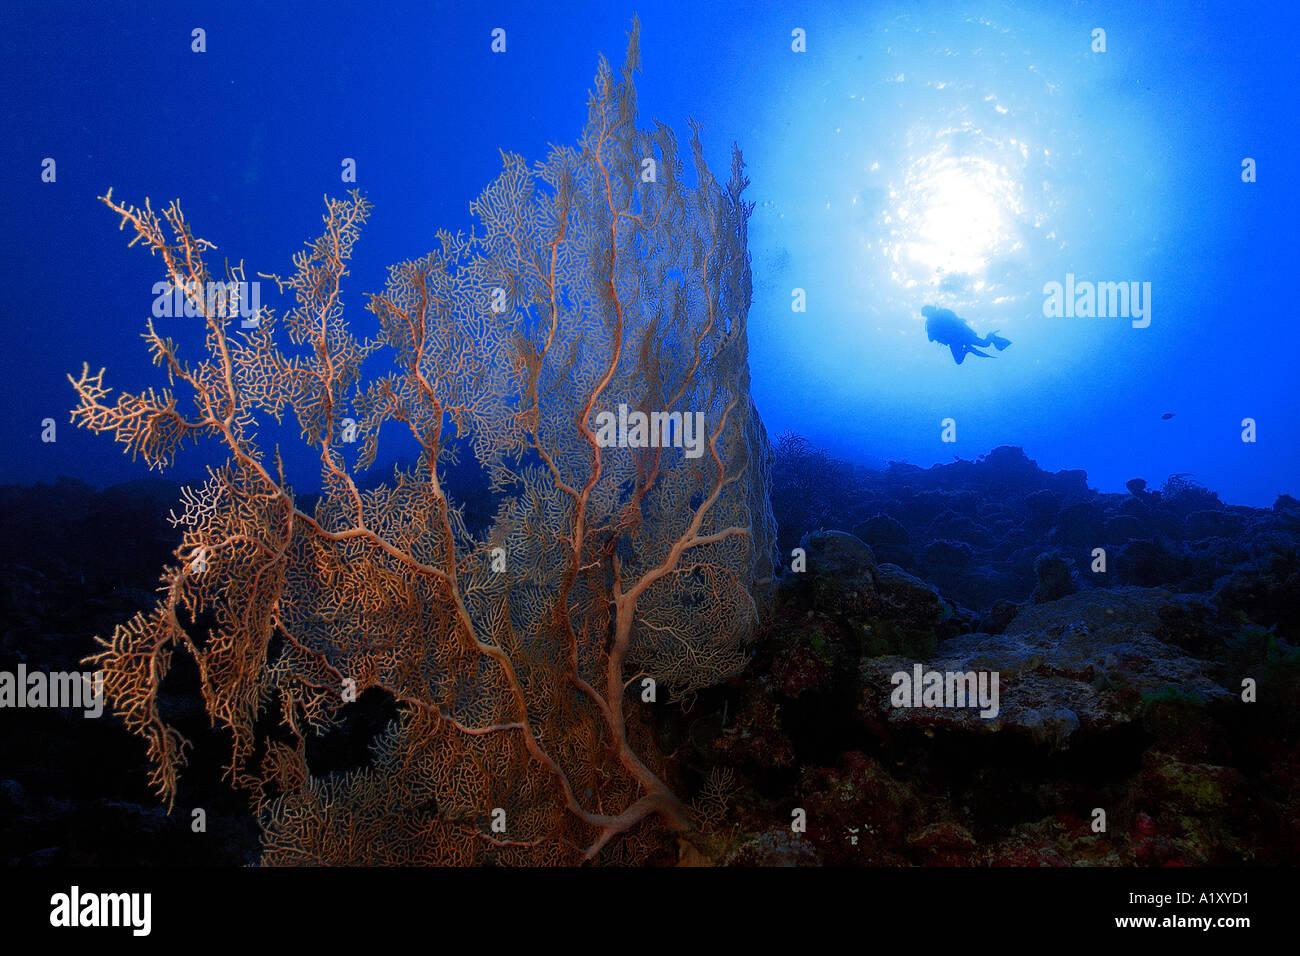 Scuba Diver Sunburst Silhouette Stockfotos & Scuba Diver Sunburst ...